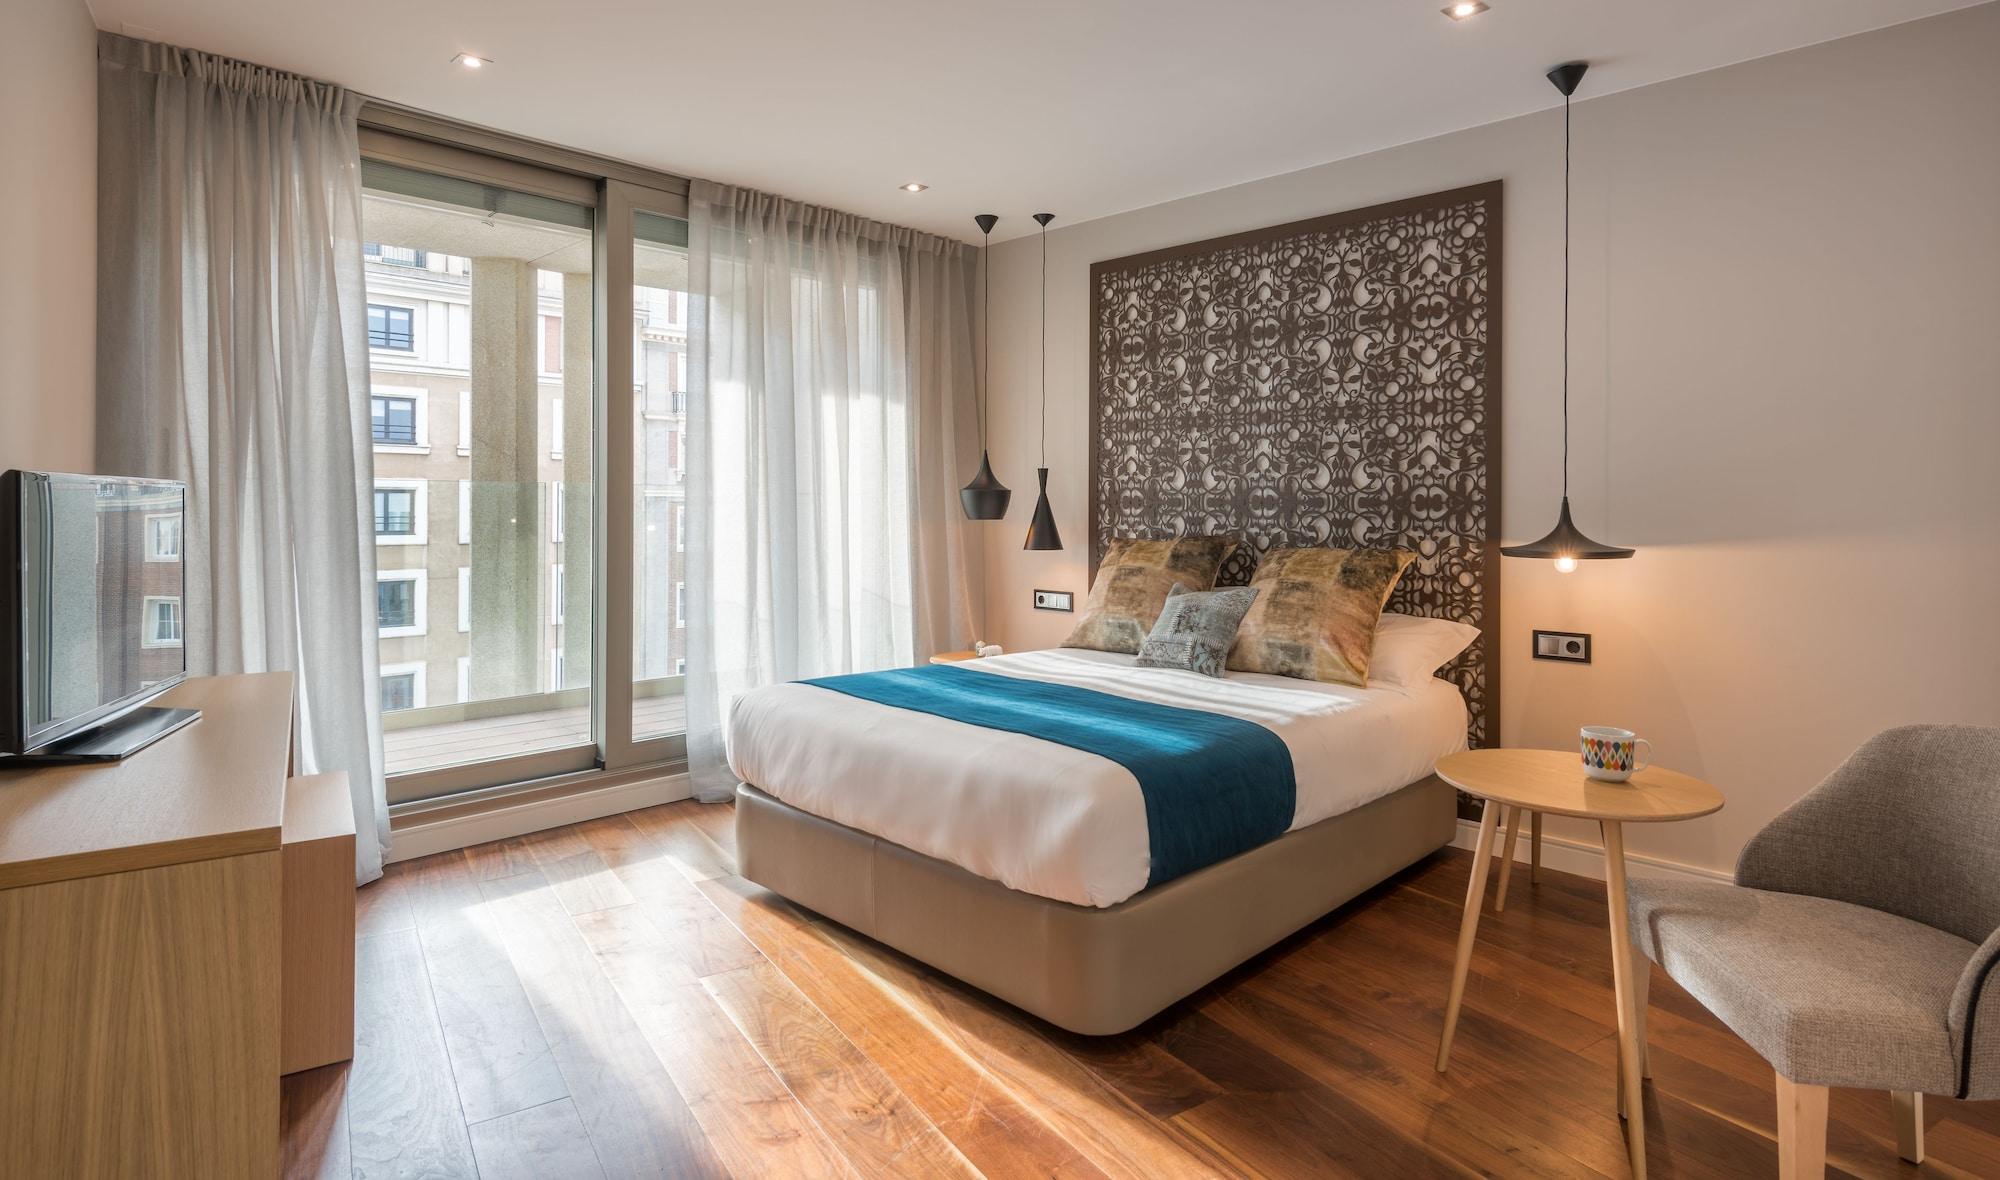 Duplex, 3 Bedrooms, Terrace